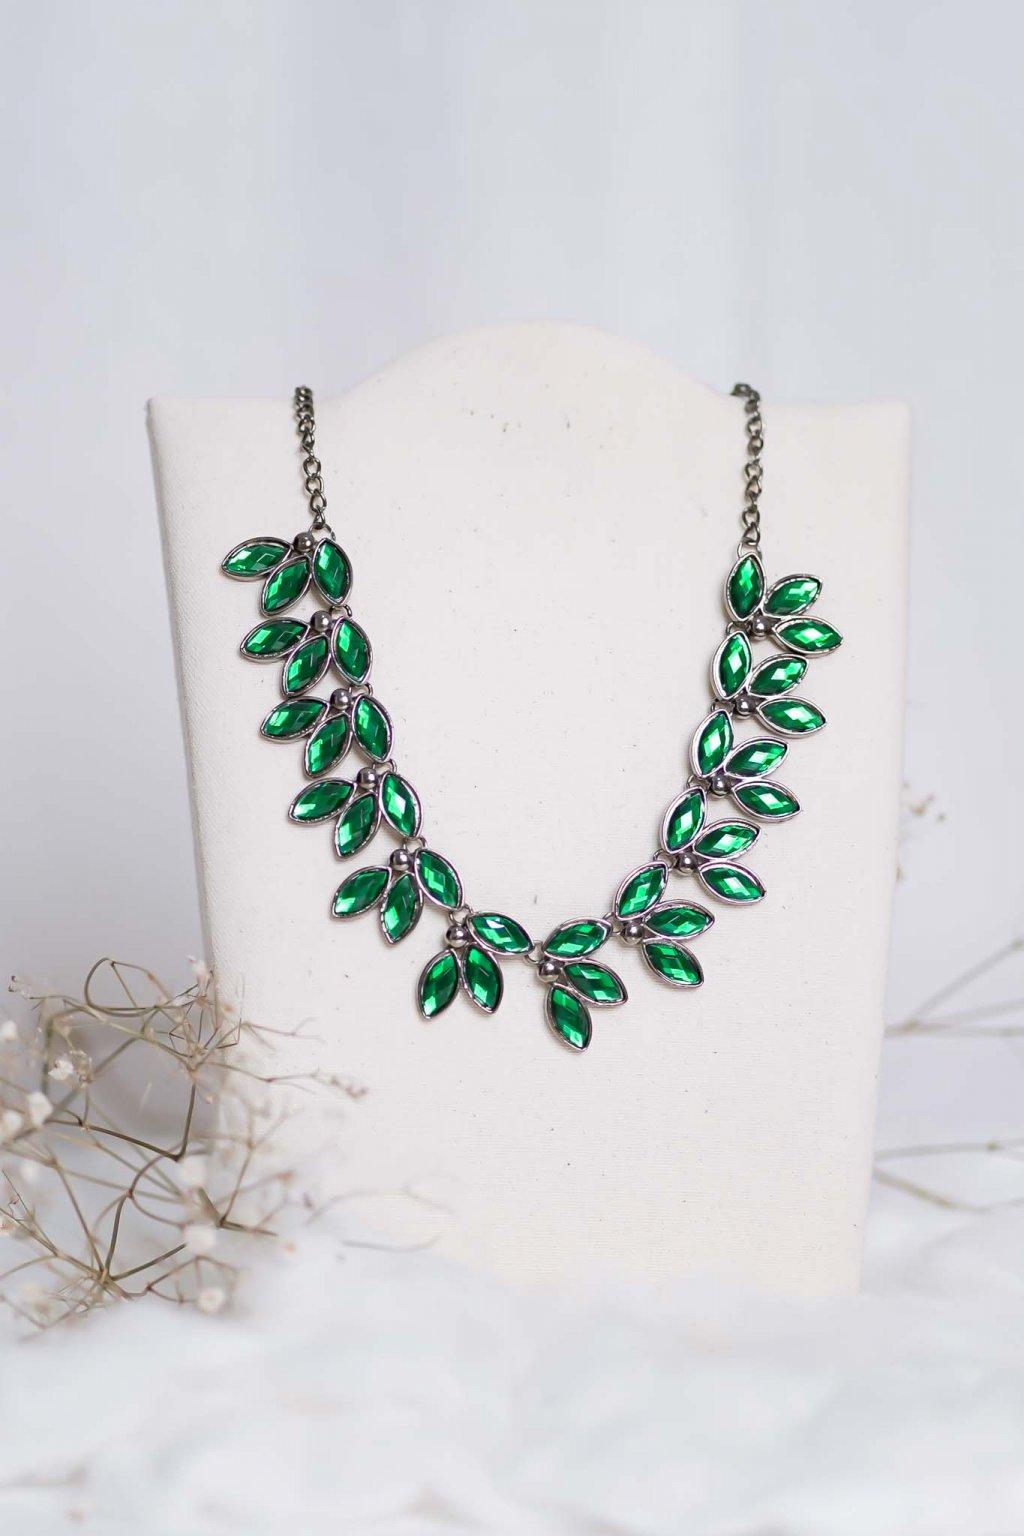 náhrdelník, spoločenský, bežný deň, kamienkový, farebný, čierny, strieborný, zelený, cyklamenévy, náhrdelník, bižuteria, šperk, šperky, ples, stužková, svadba, 019